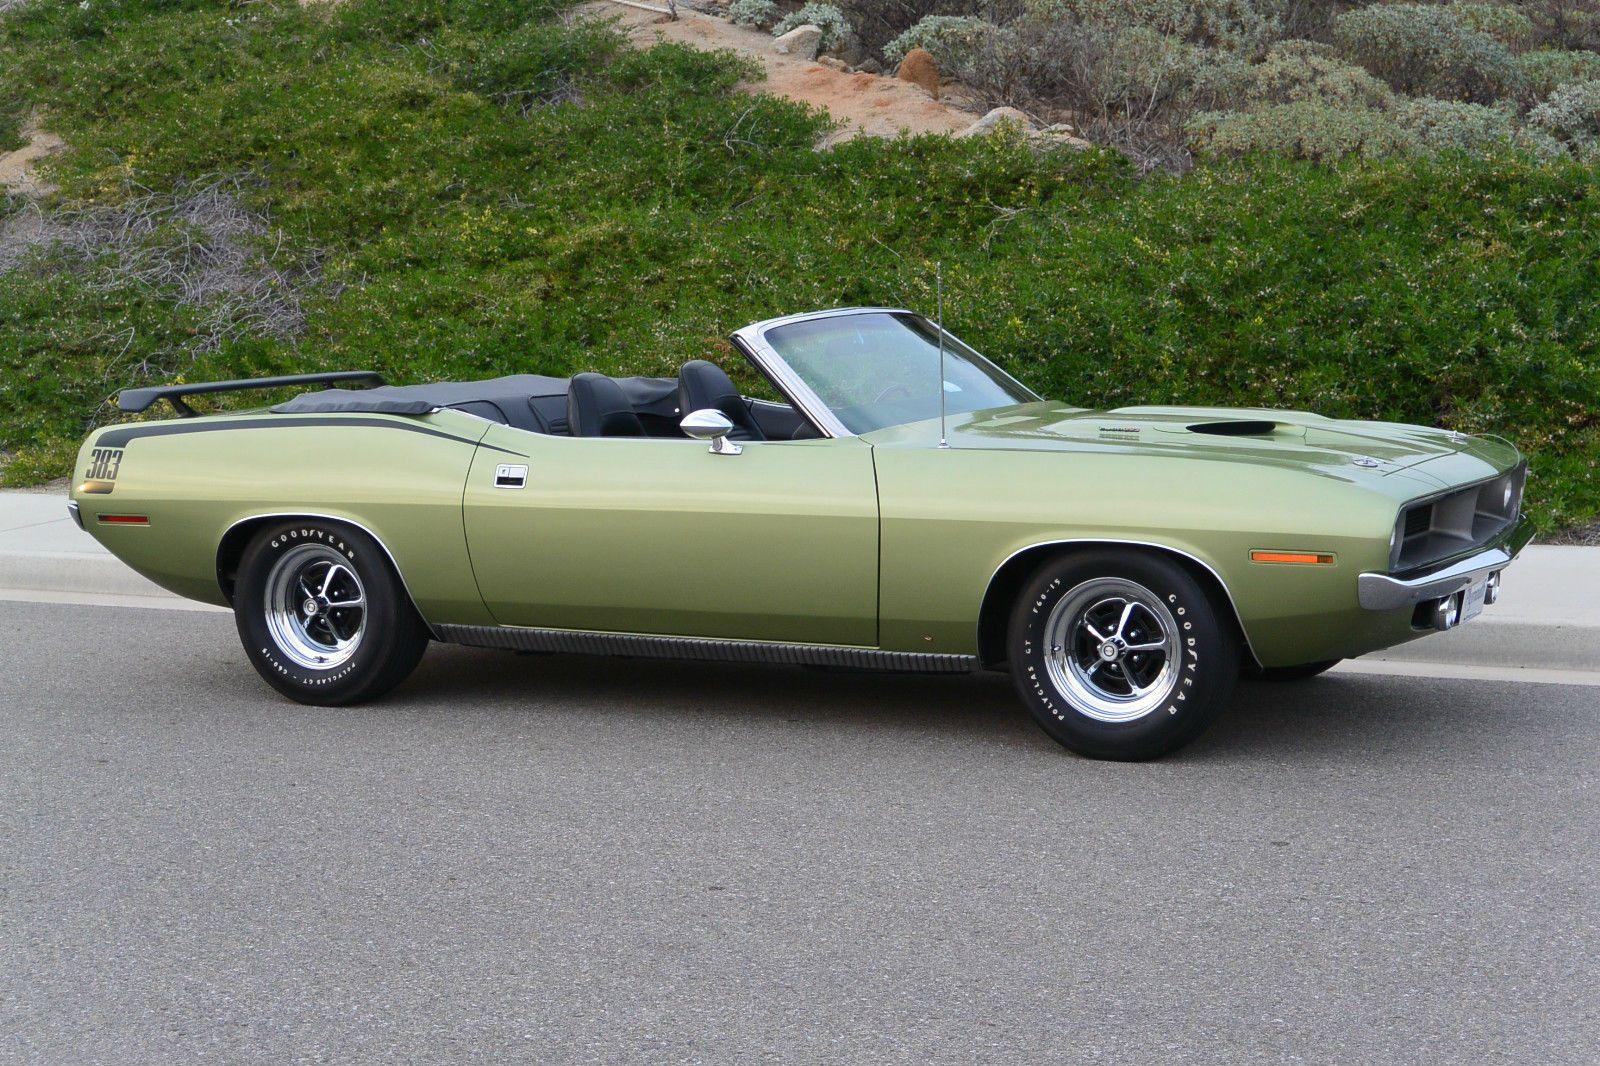 1970 Plymouth Barracuda 383 Convertible | Mopar | Pinterest ...